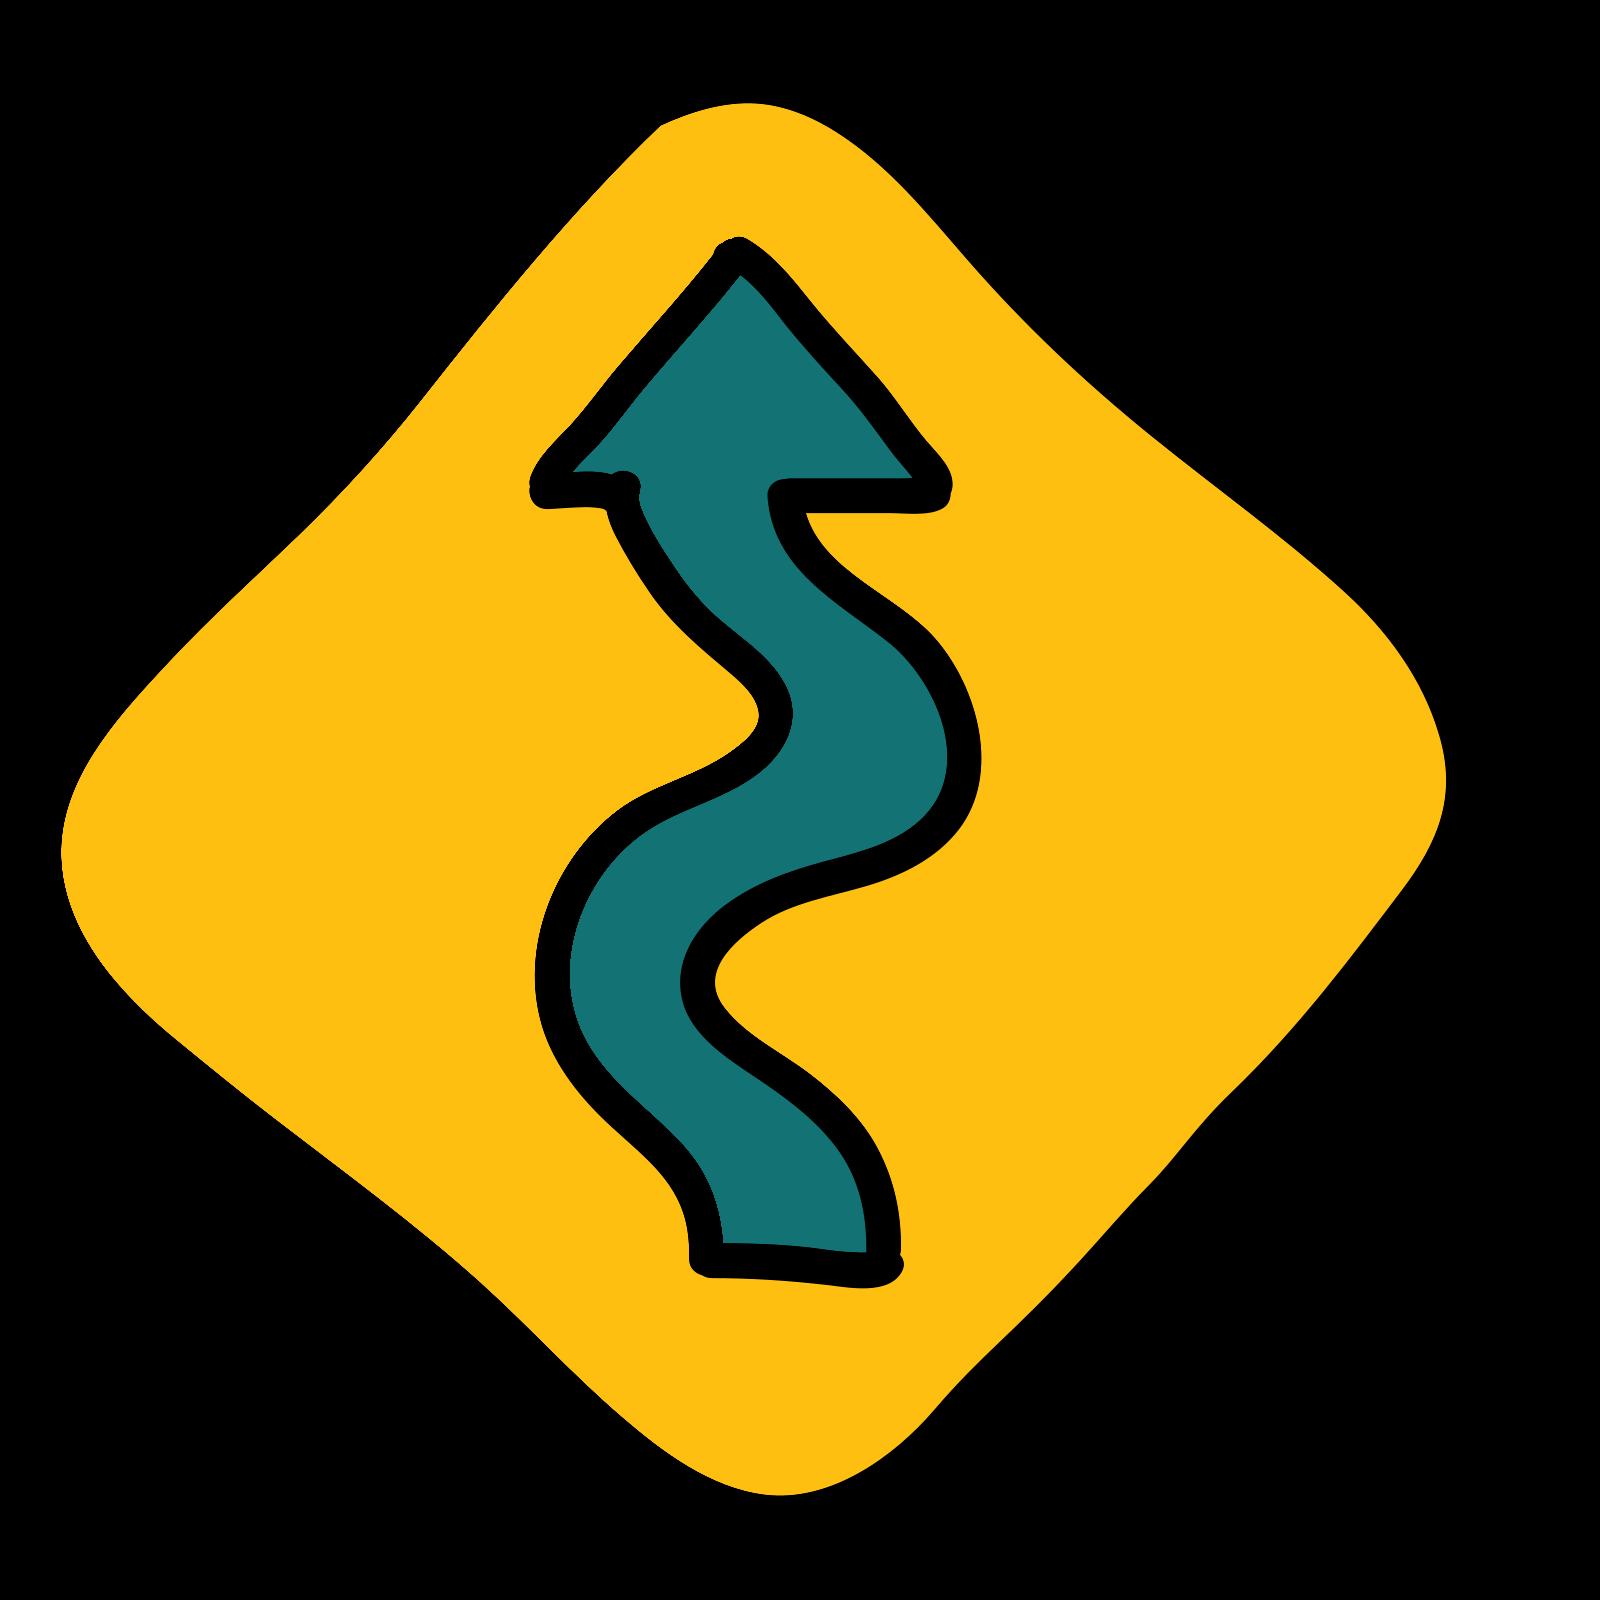 Wavy Road icon